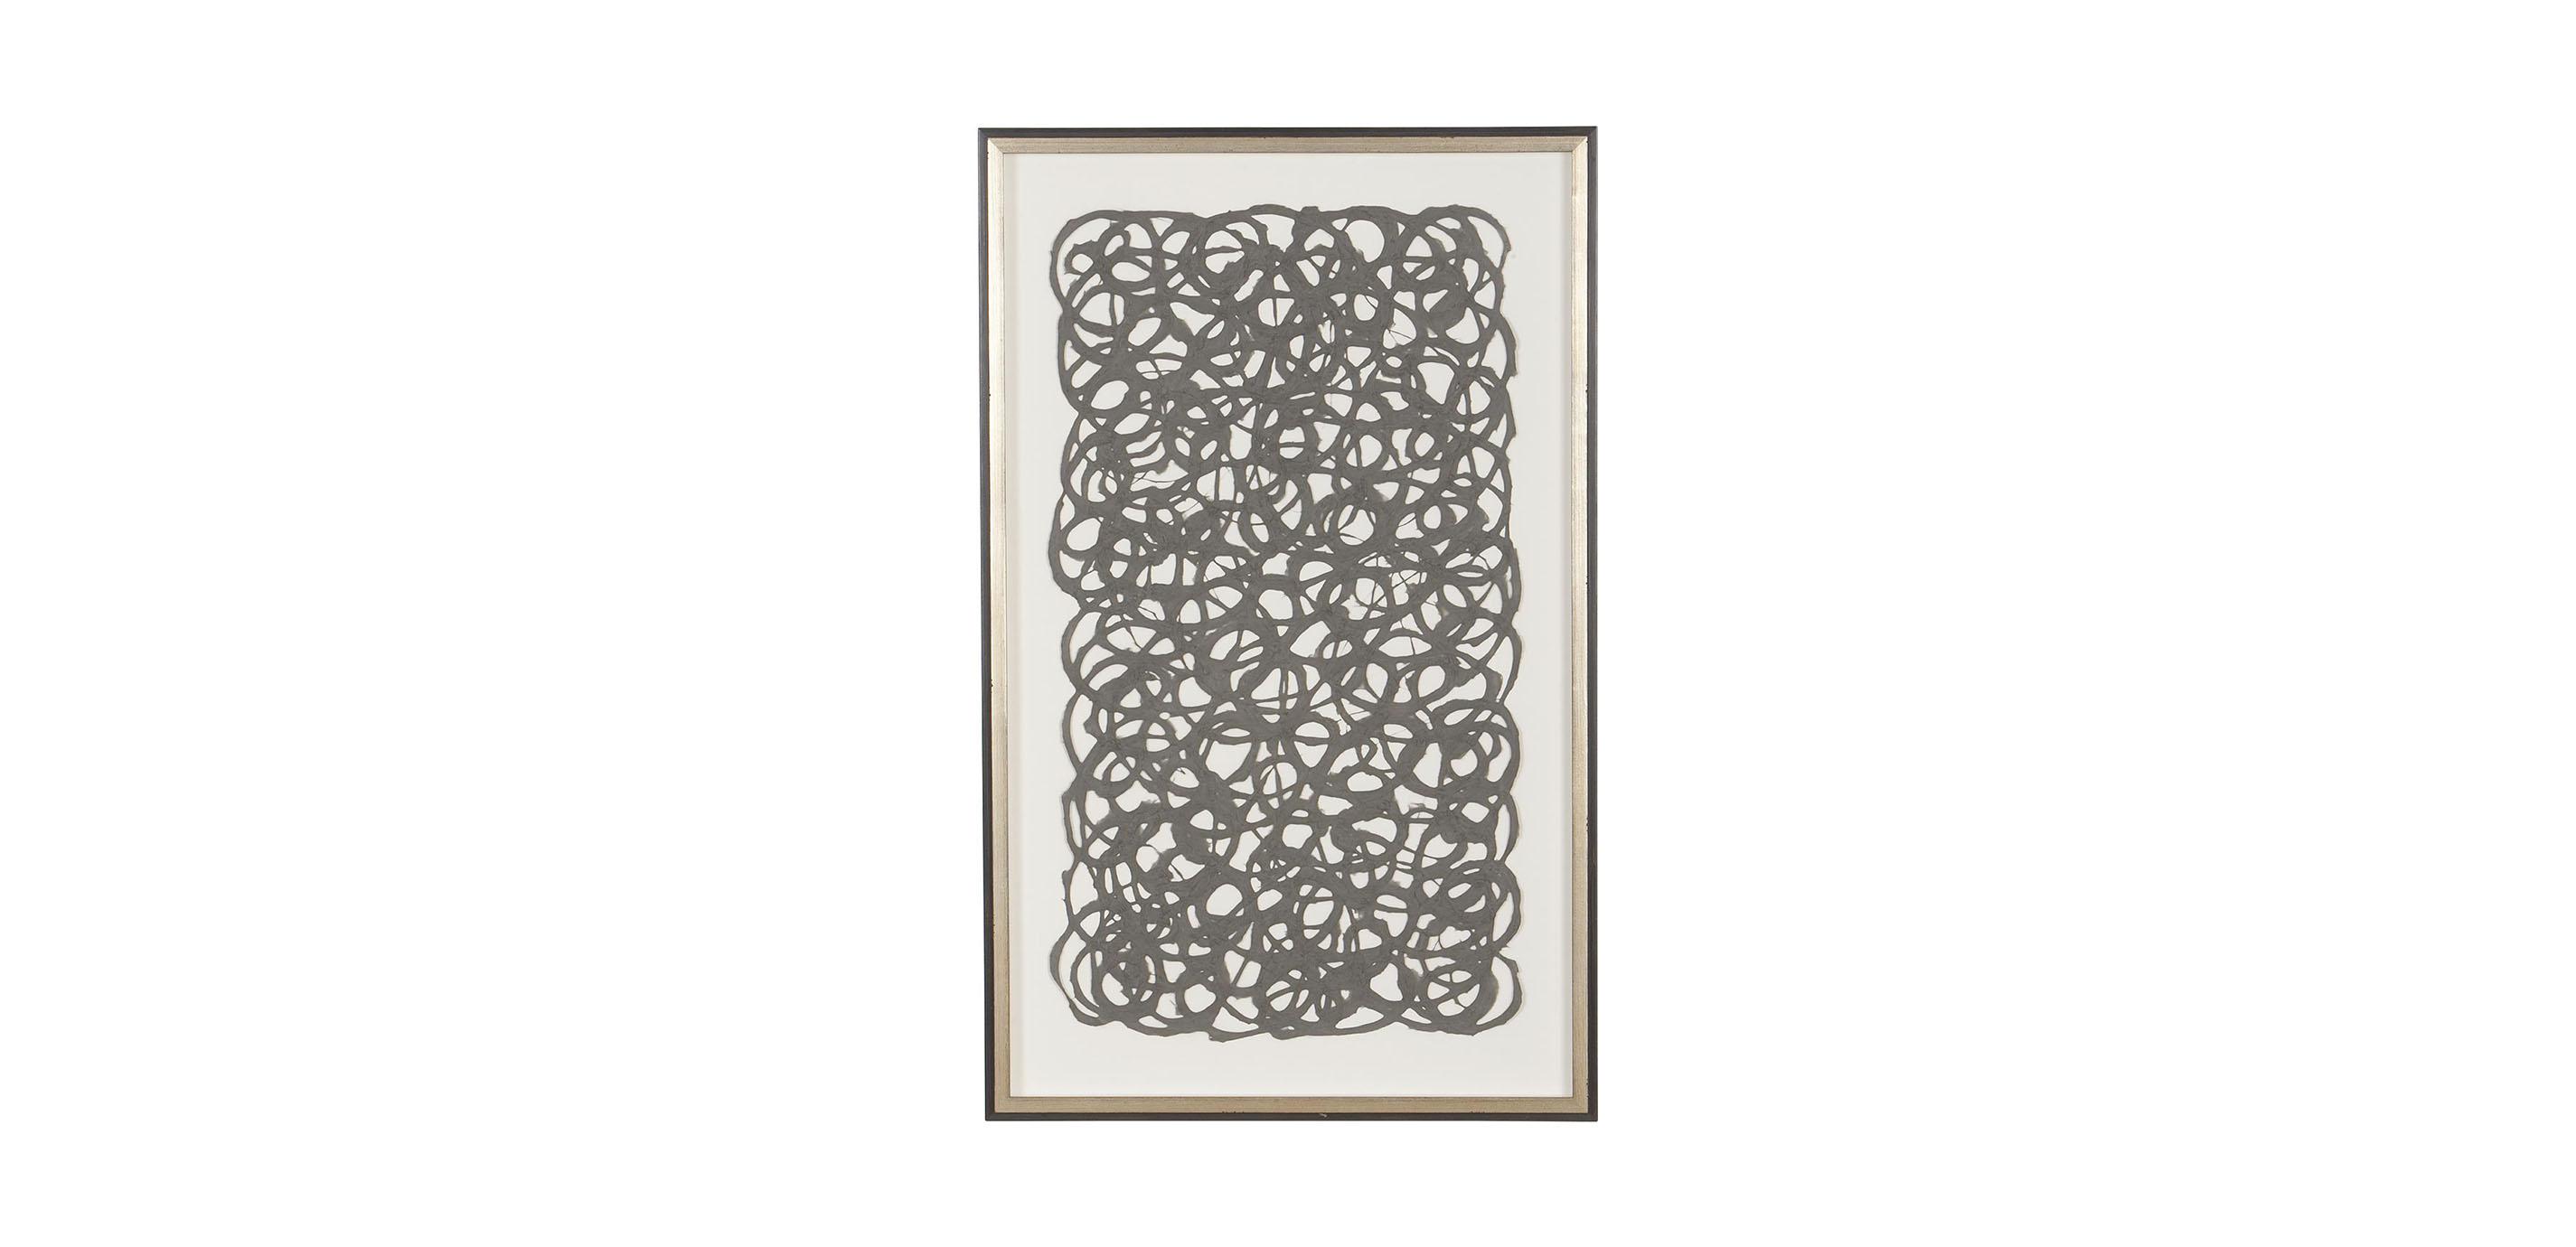 Ethan Allen Wall Art grey paper art   abstract